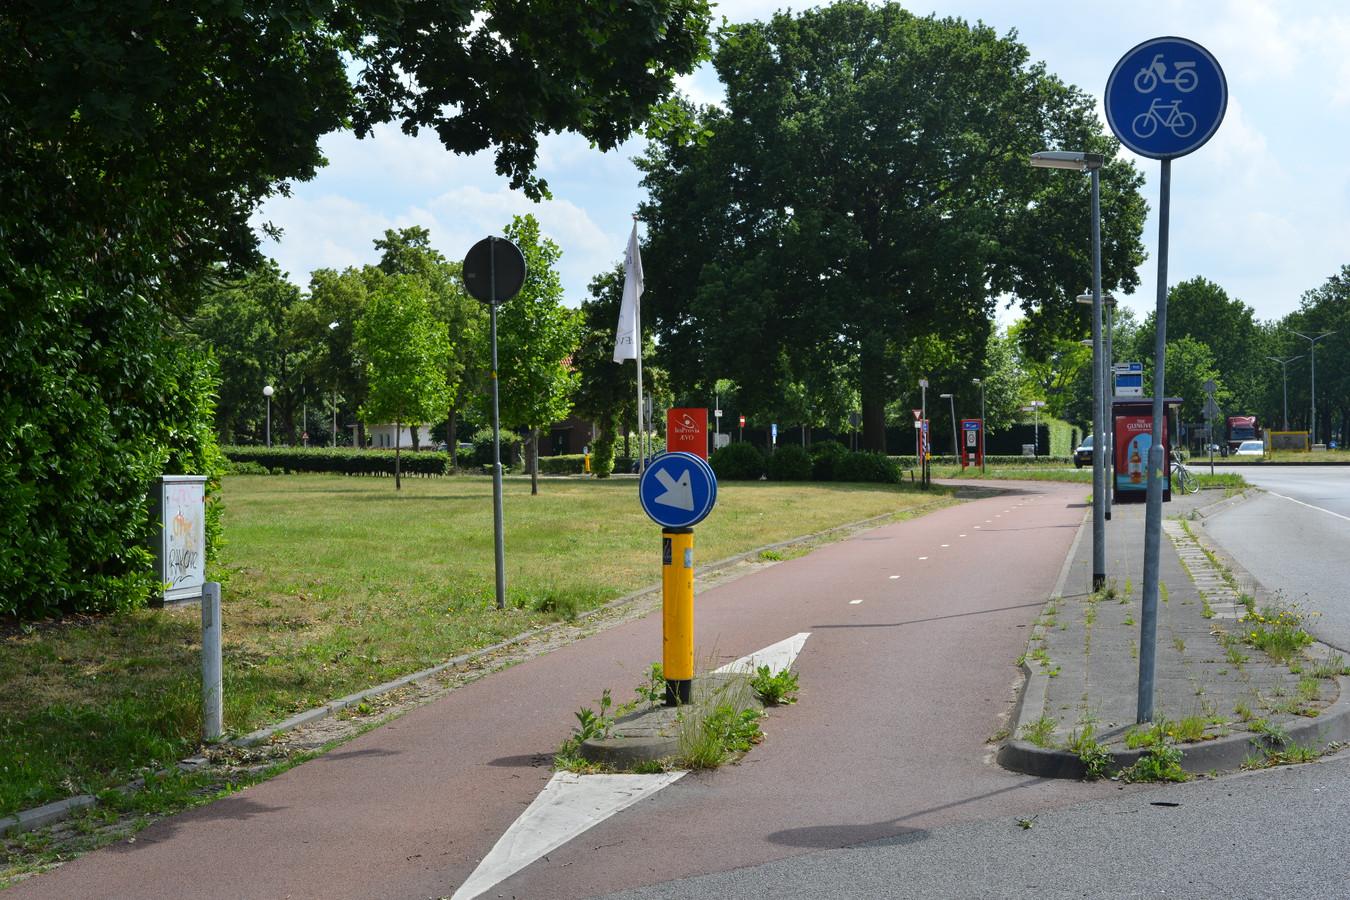 Het fietspad van de Rijsbergseweg in Breda, waar het meisje is vastgegrepen.